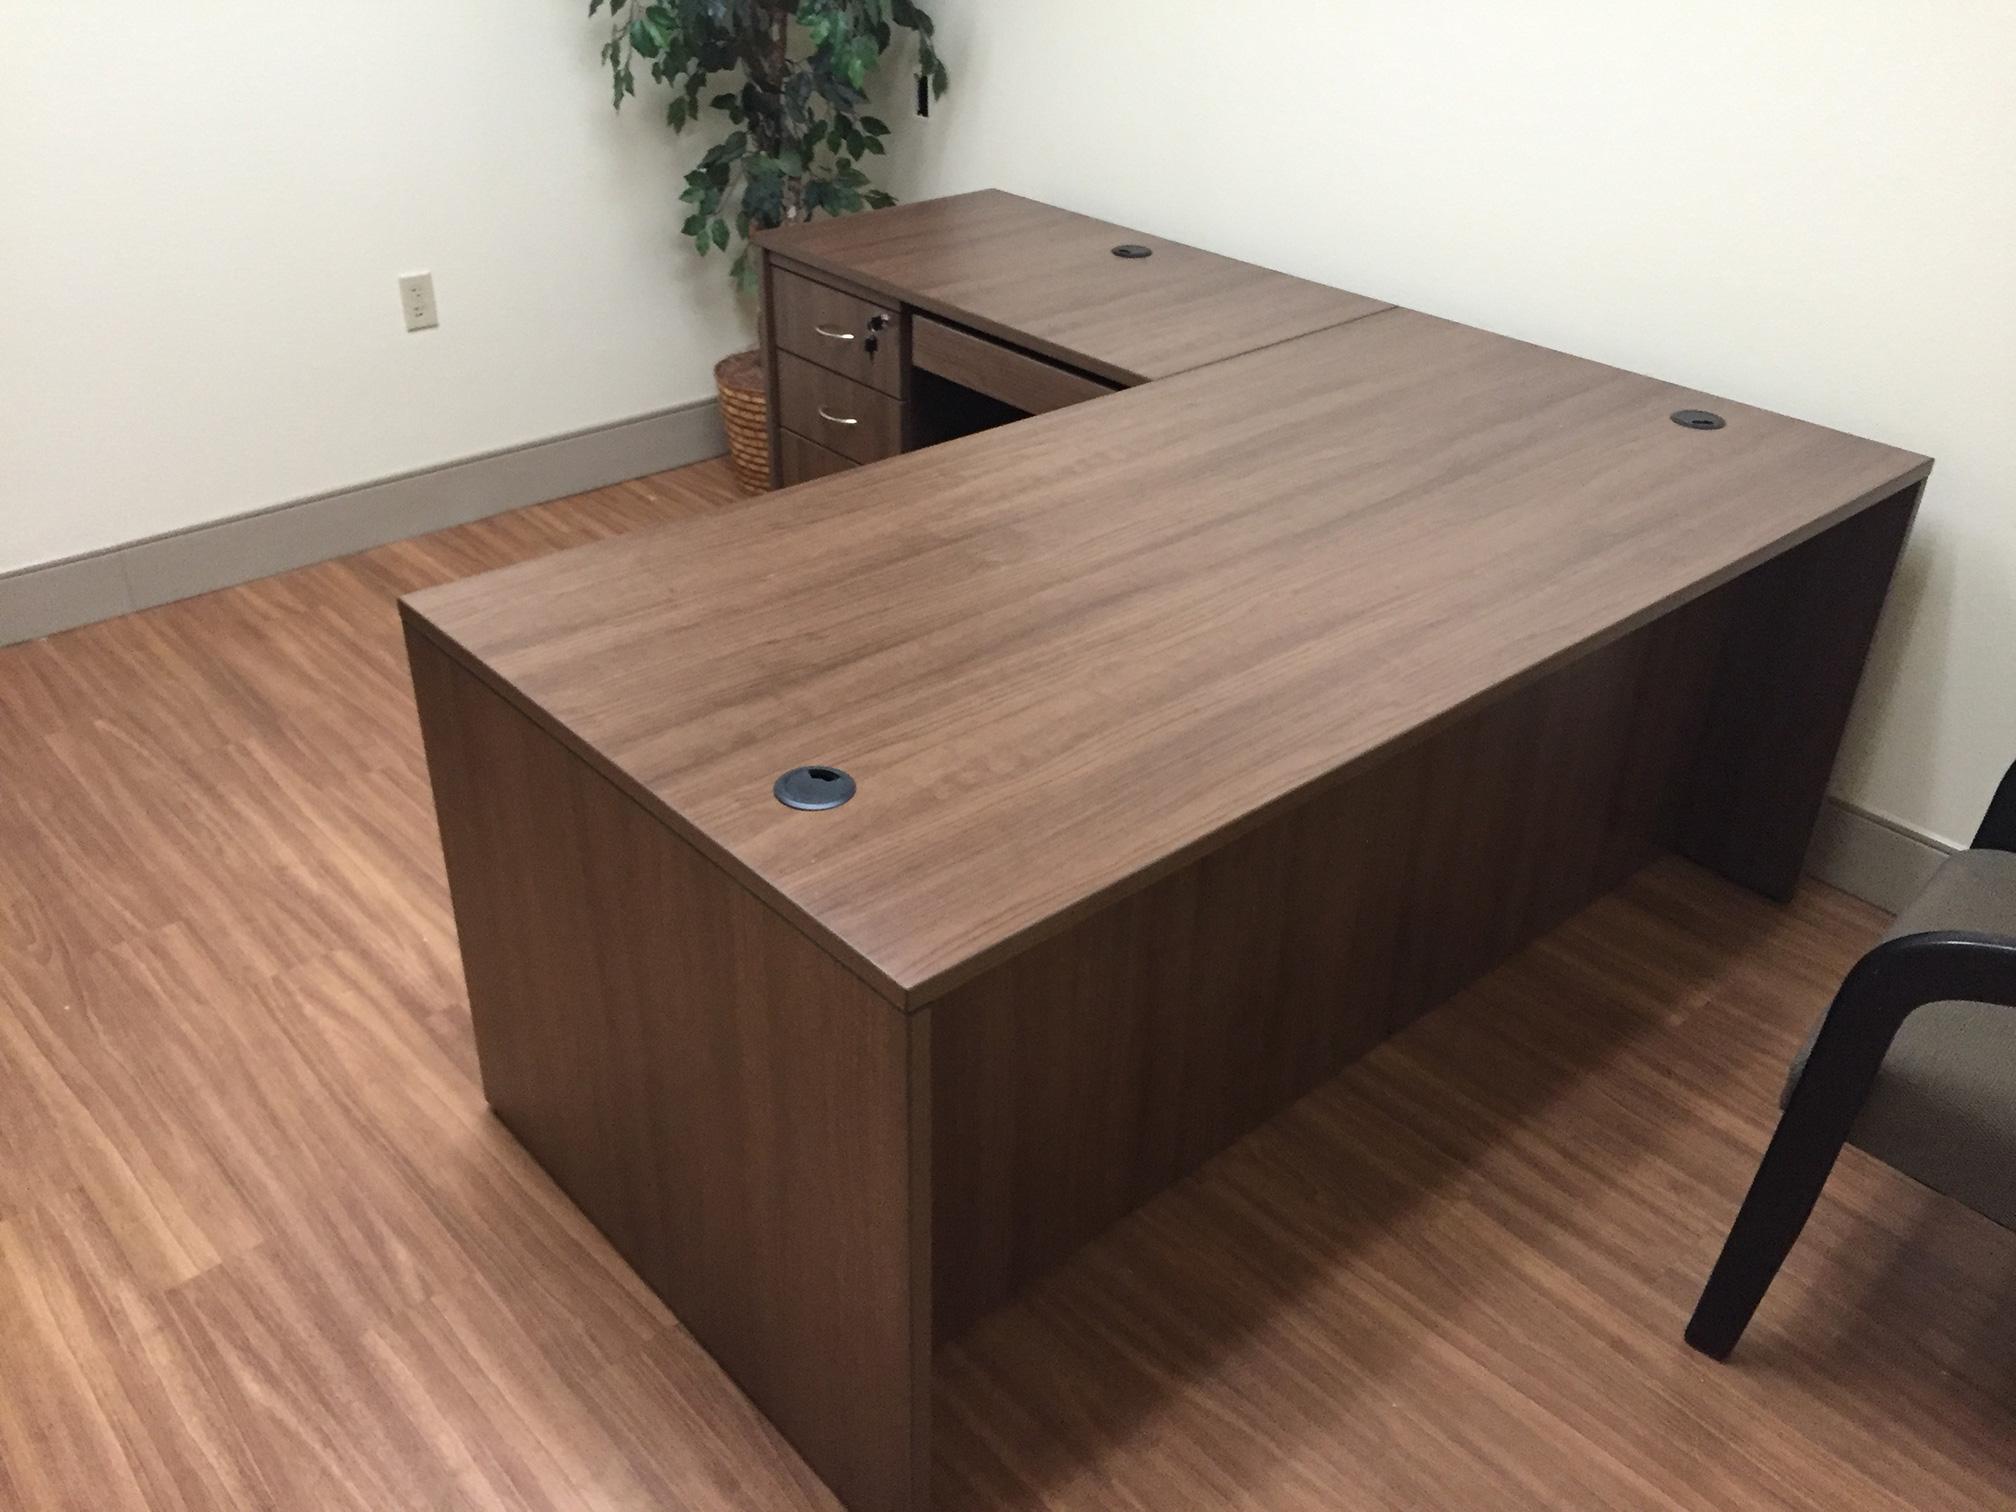 desk-bradenton-manasota-office-supplies-llc.jpg